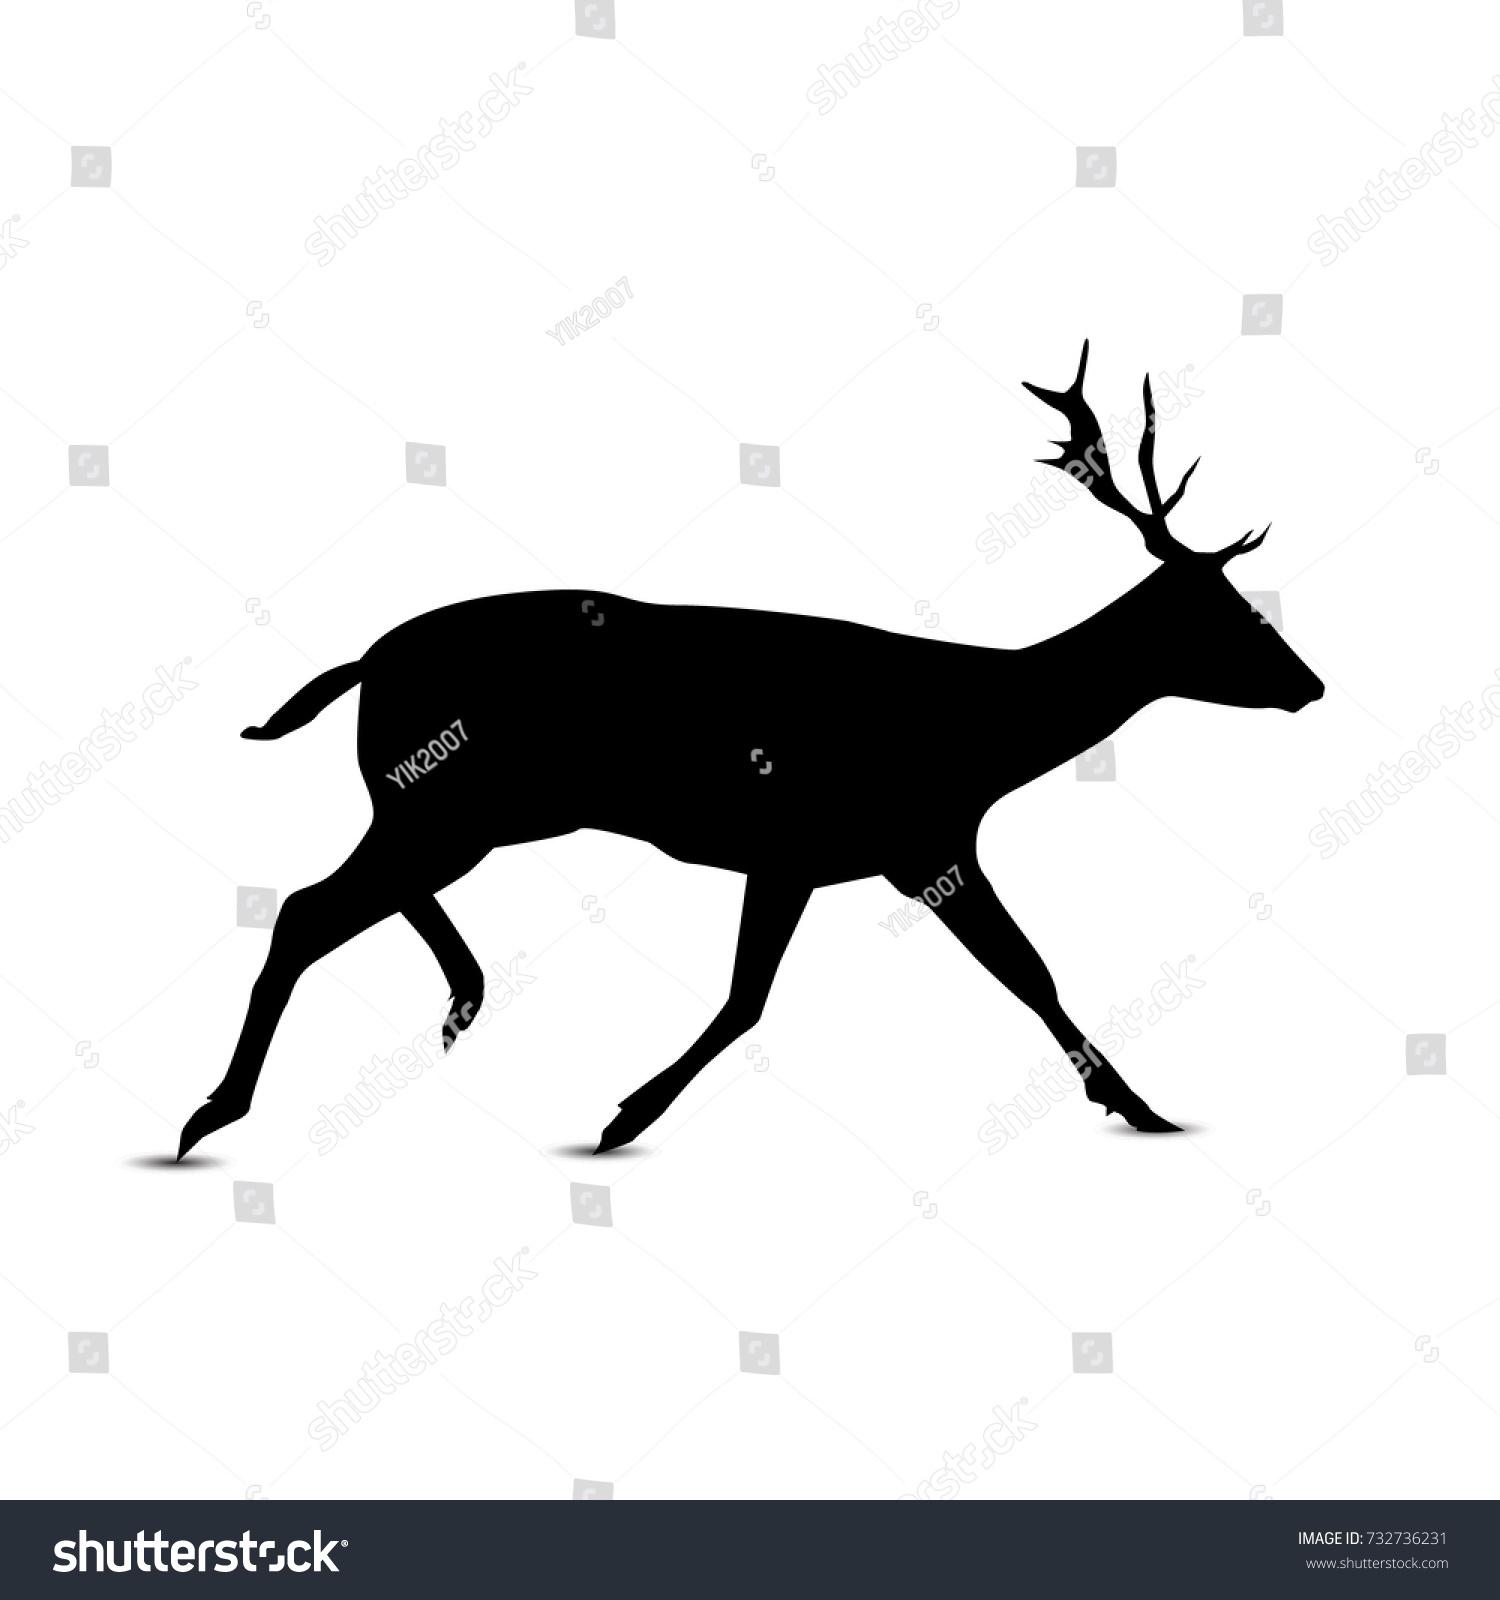 silhouette of running deer